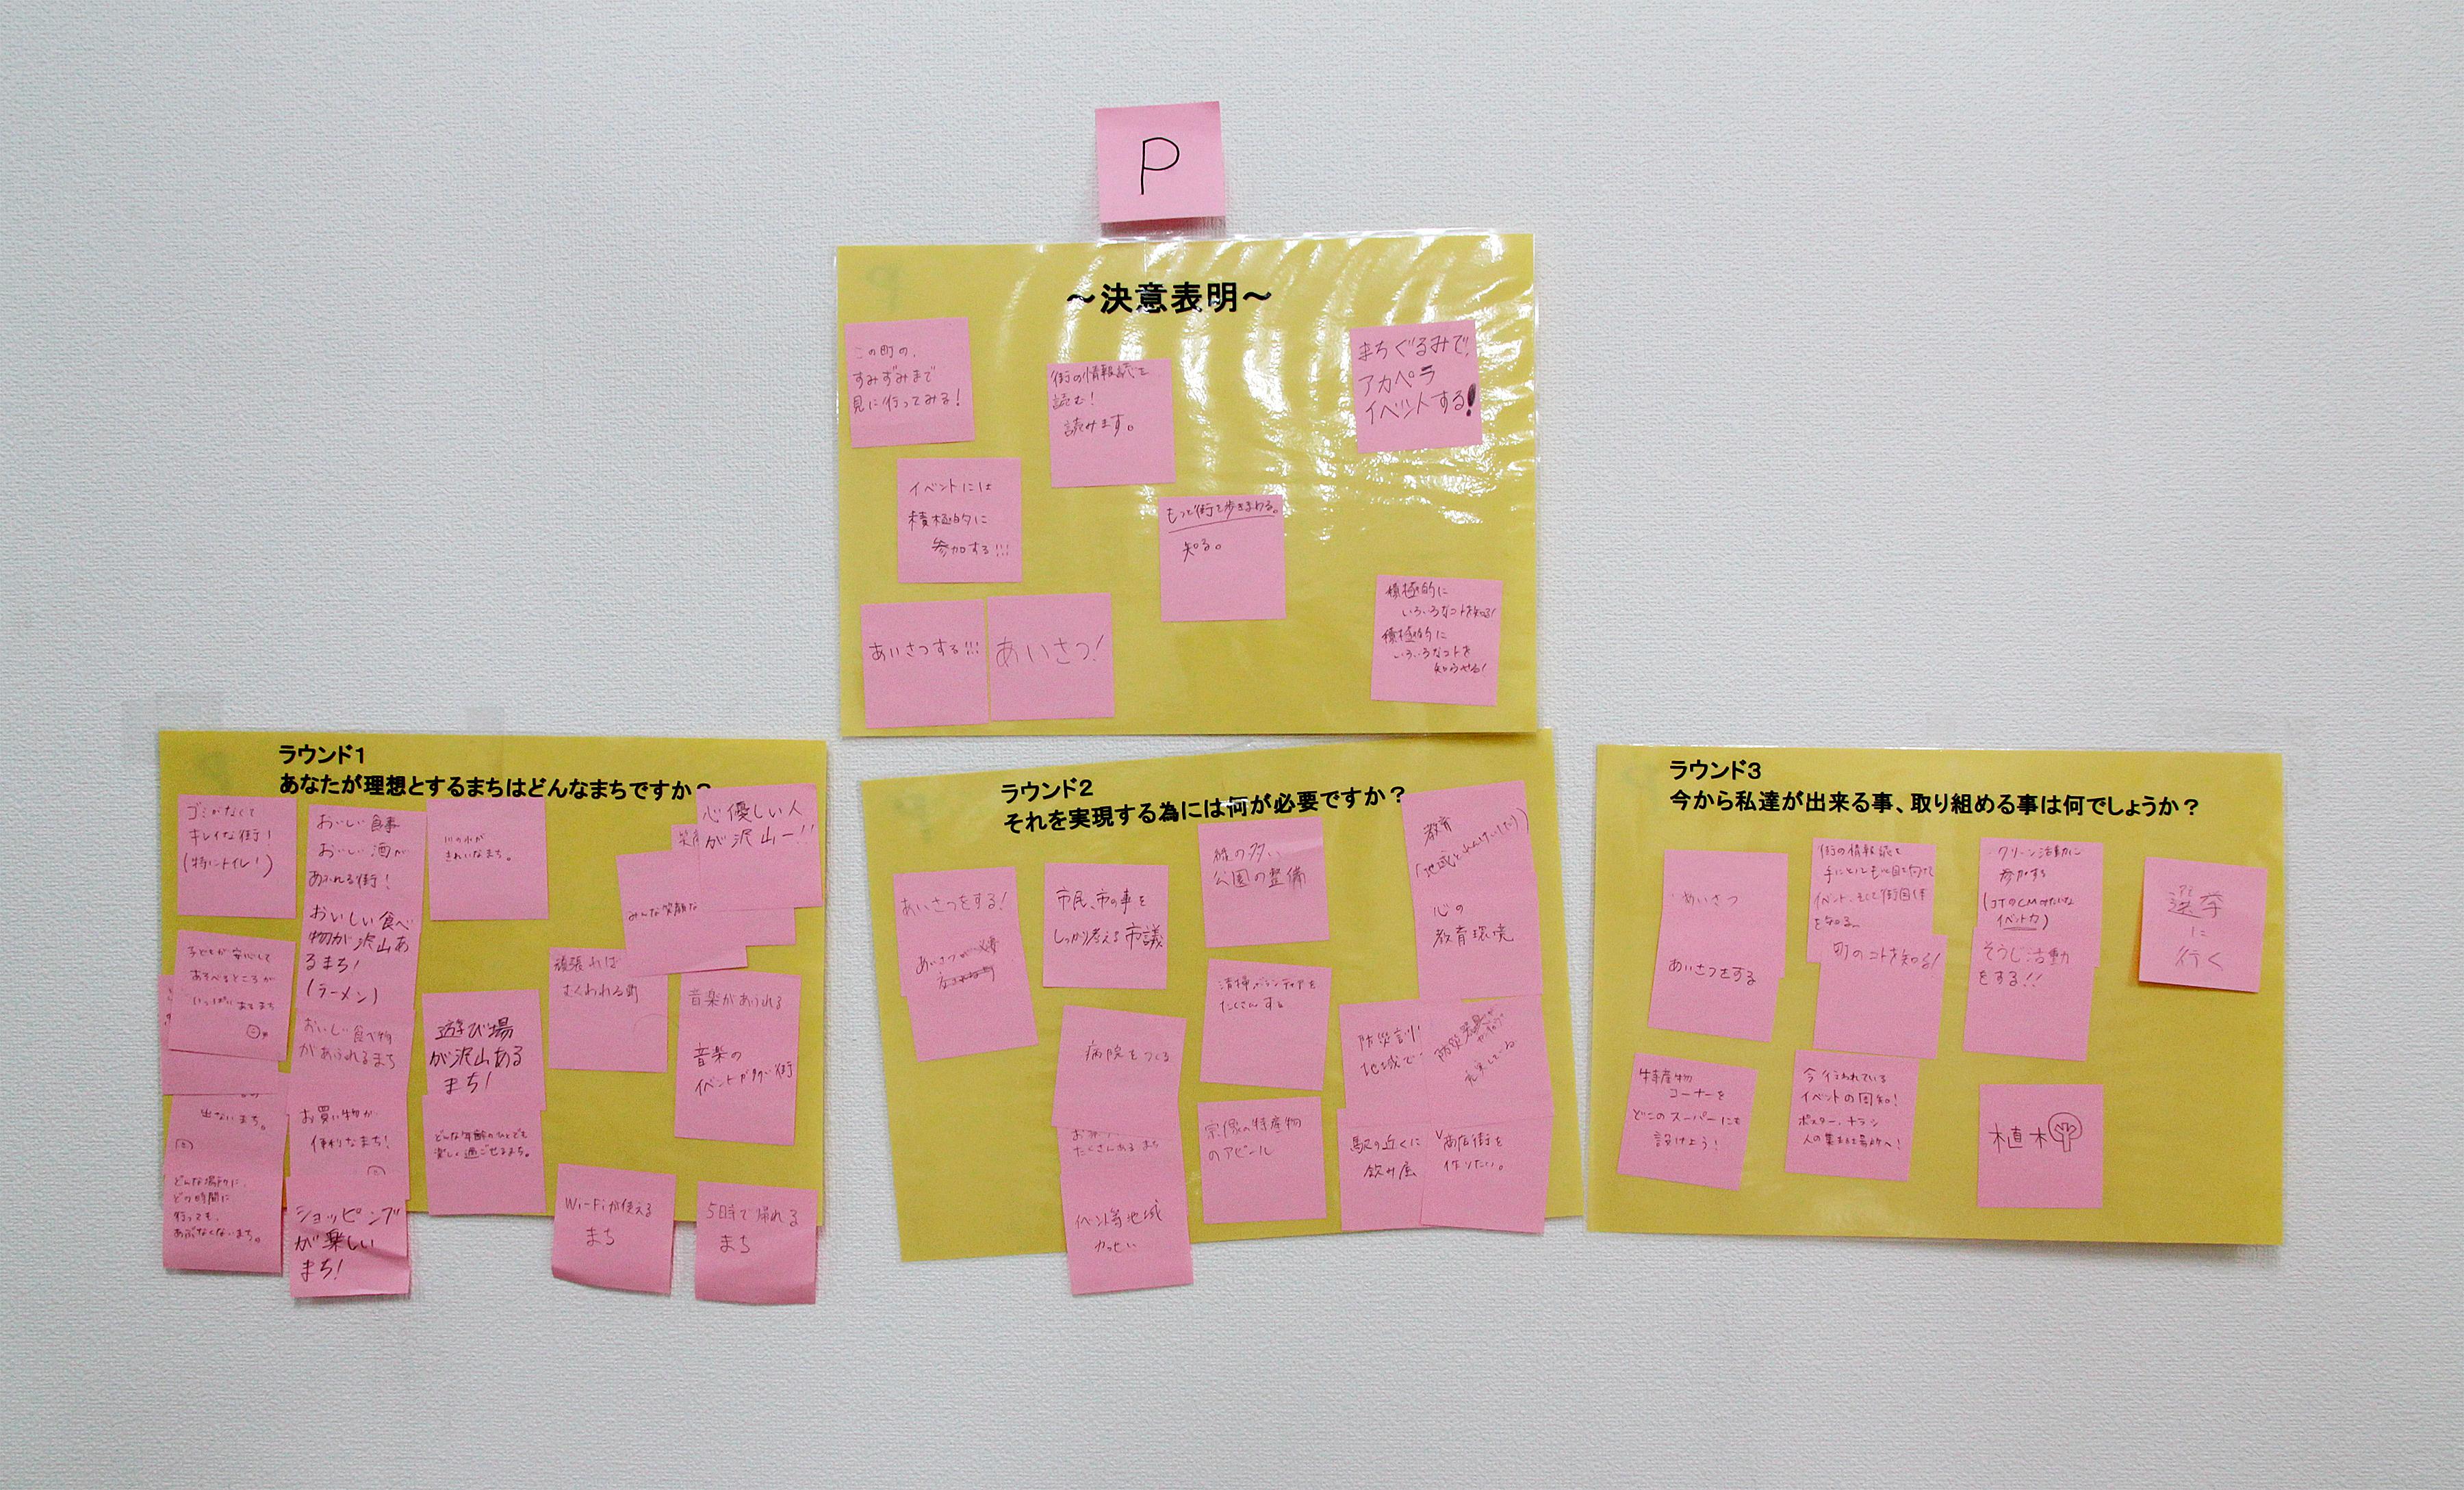 http://www.munakatajc.com/active/2013101736.jpg